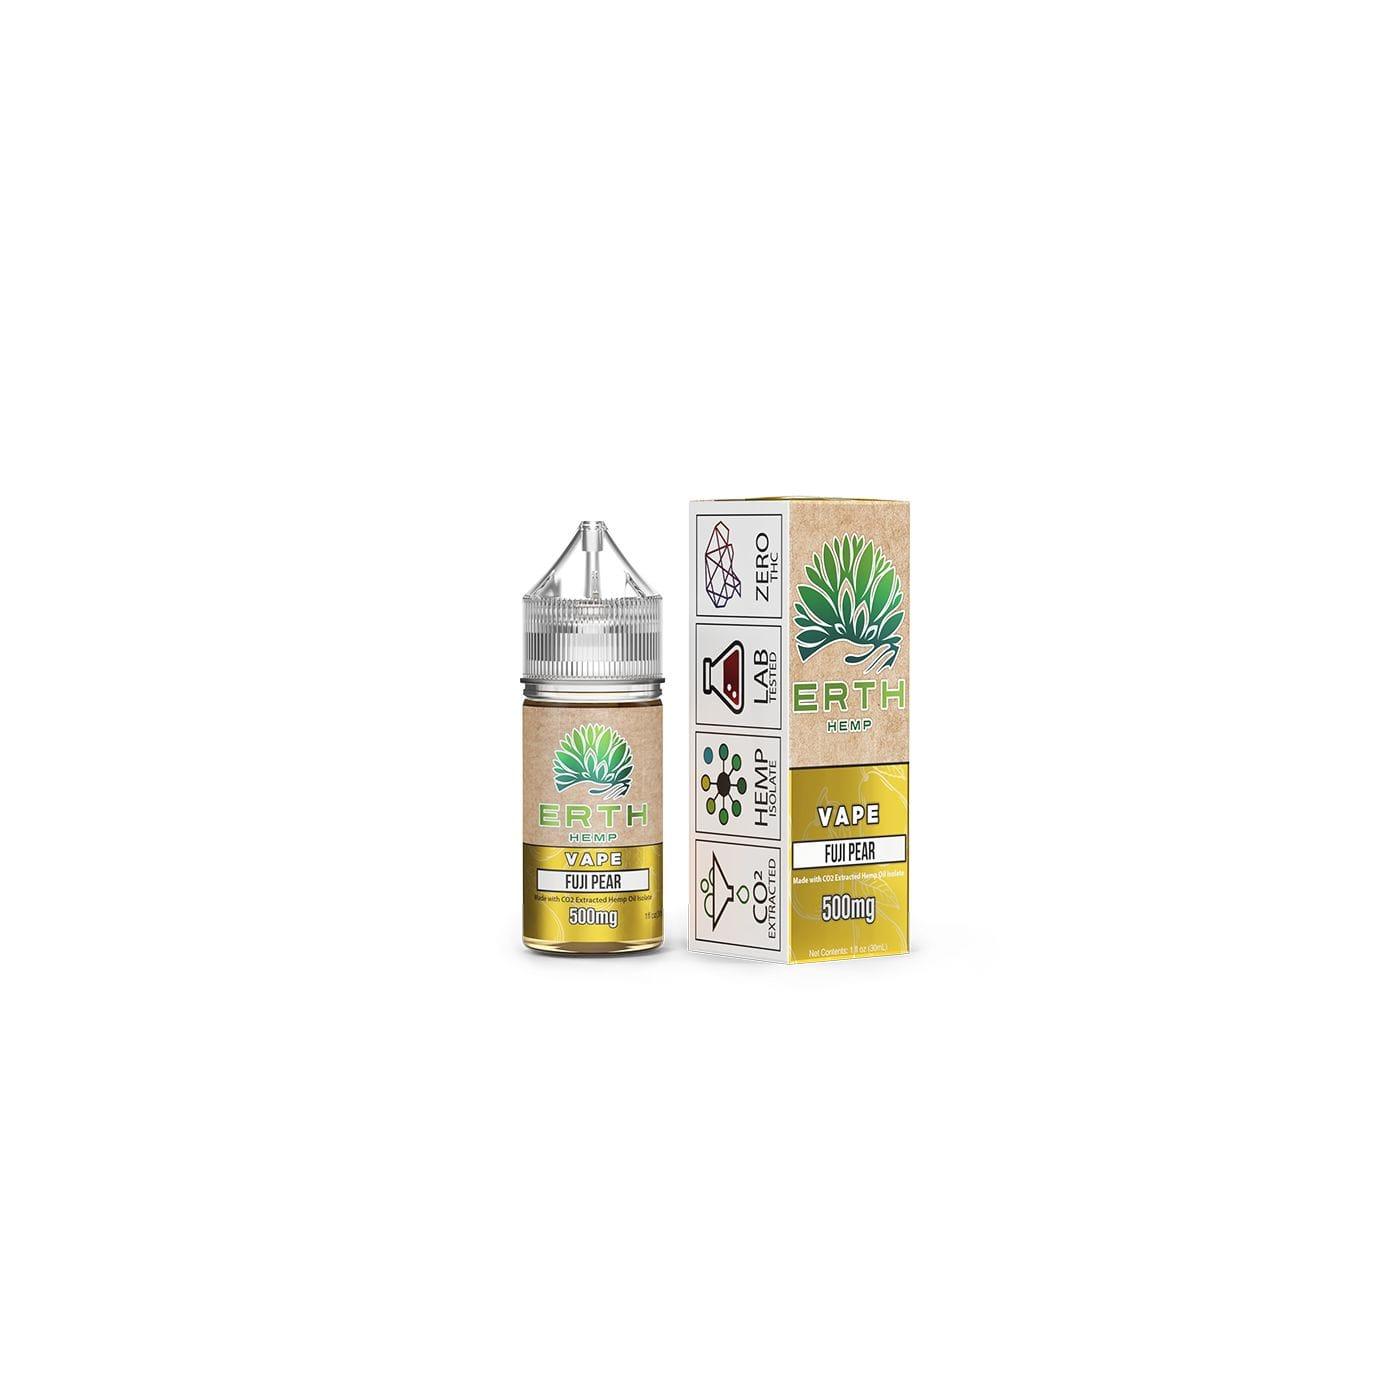 Erth Fuji Pear Vape Oil